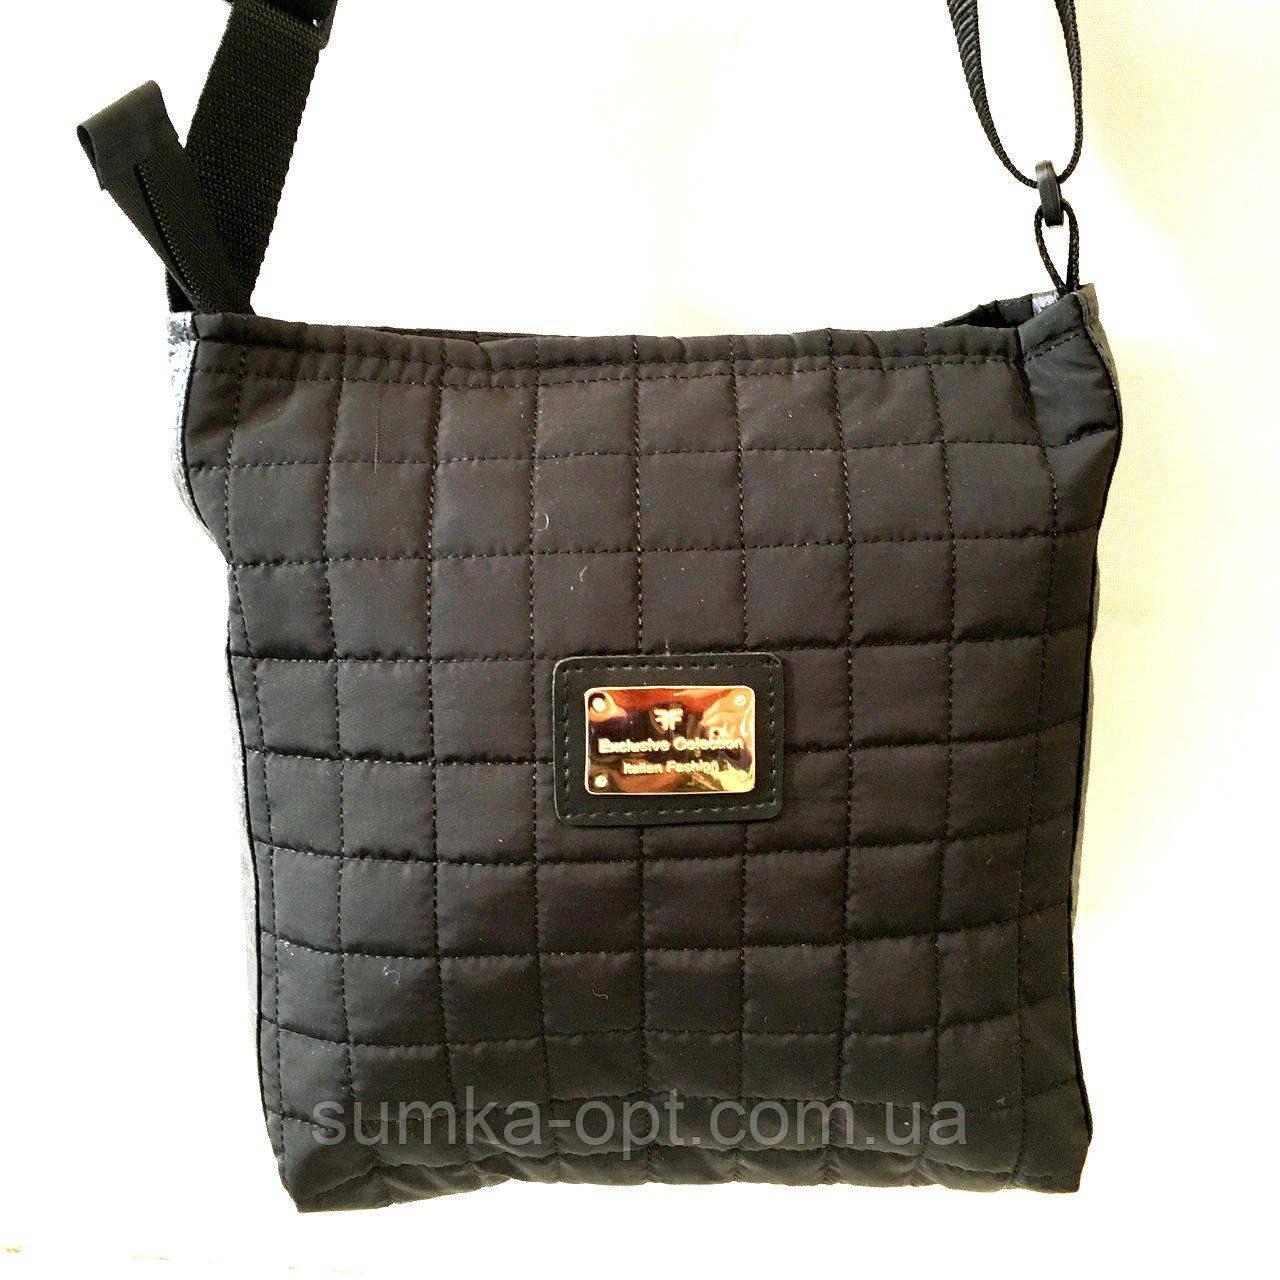 Женские стеганные сумки дешево опт до 100грн (черный)24*28см